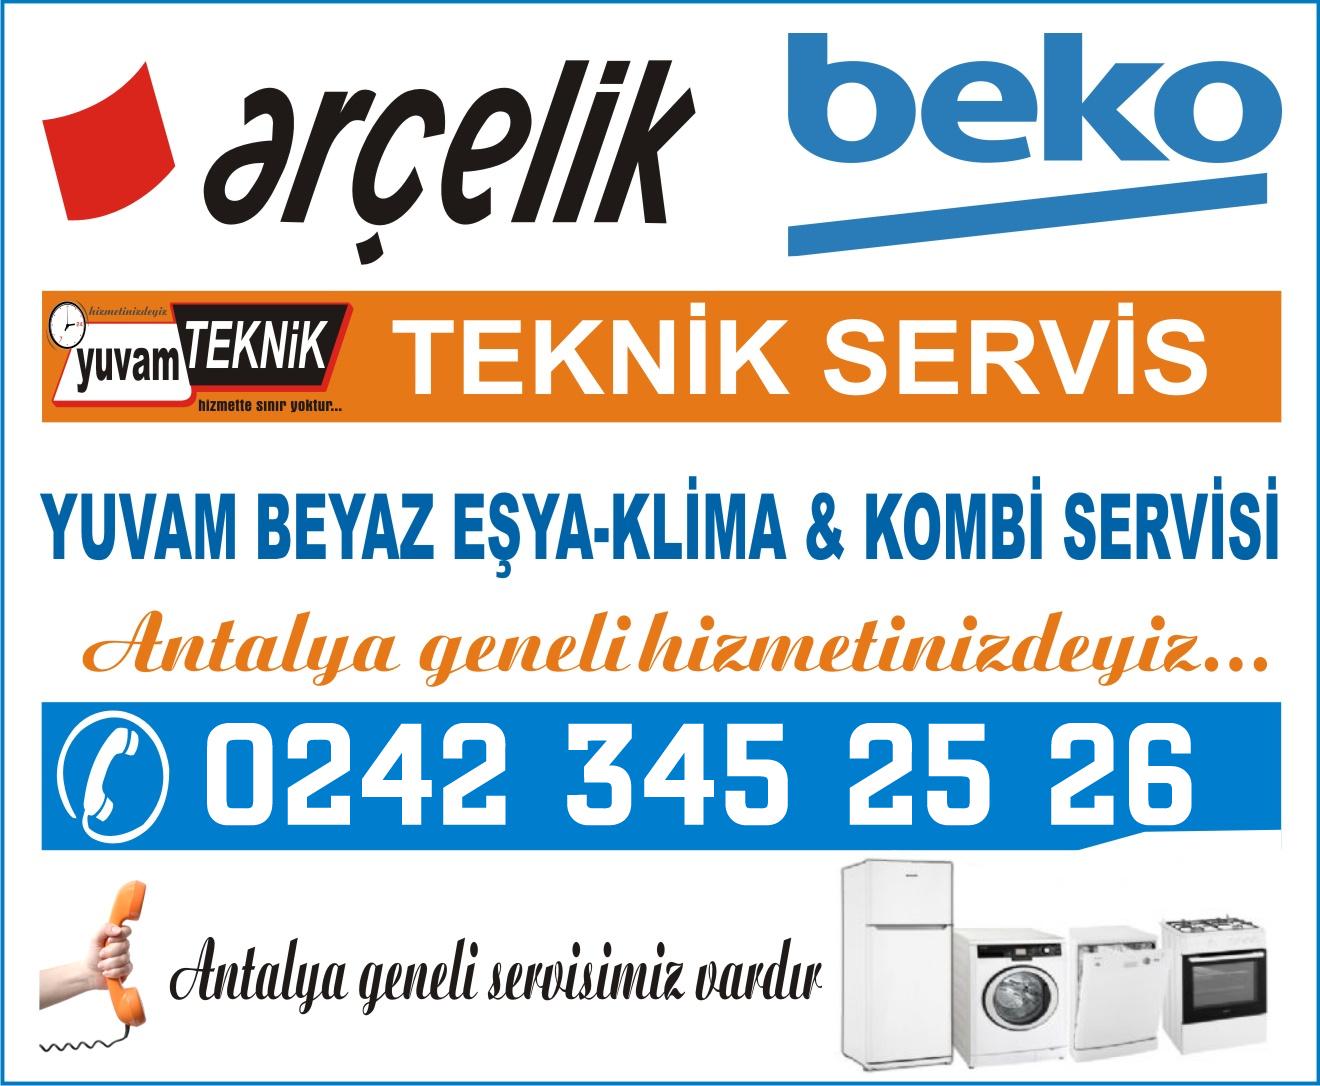 Antalya Arçelik Beko Servisleri